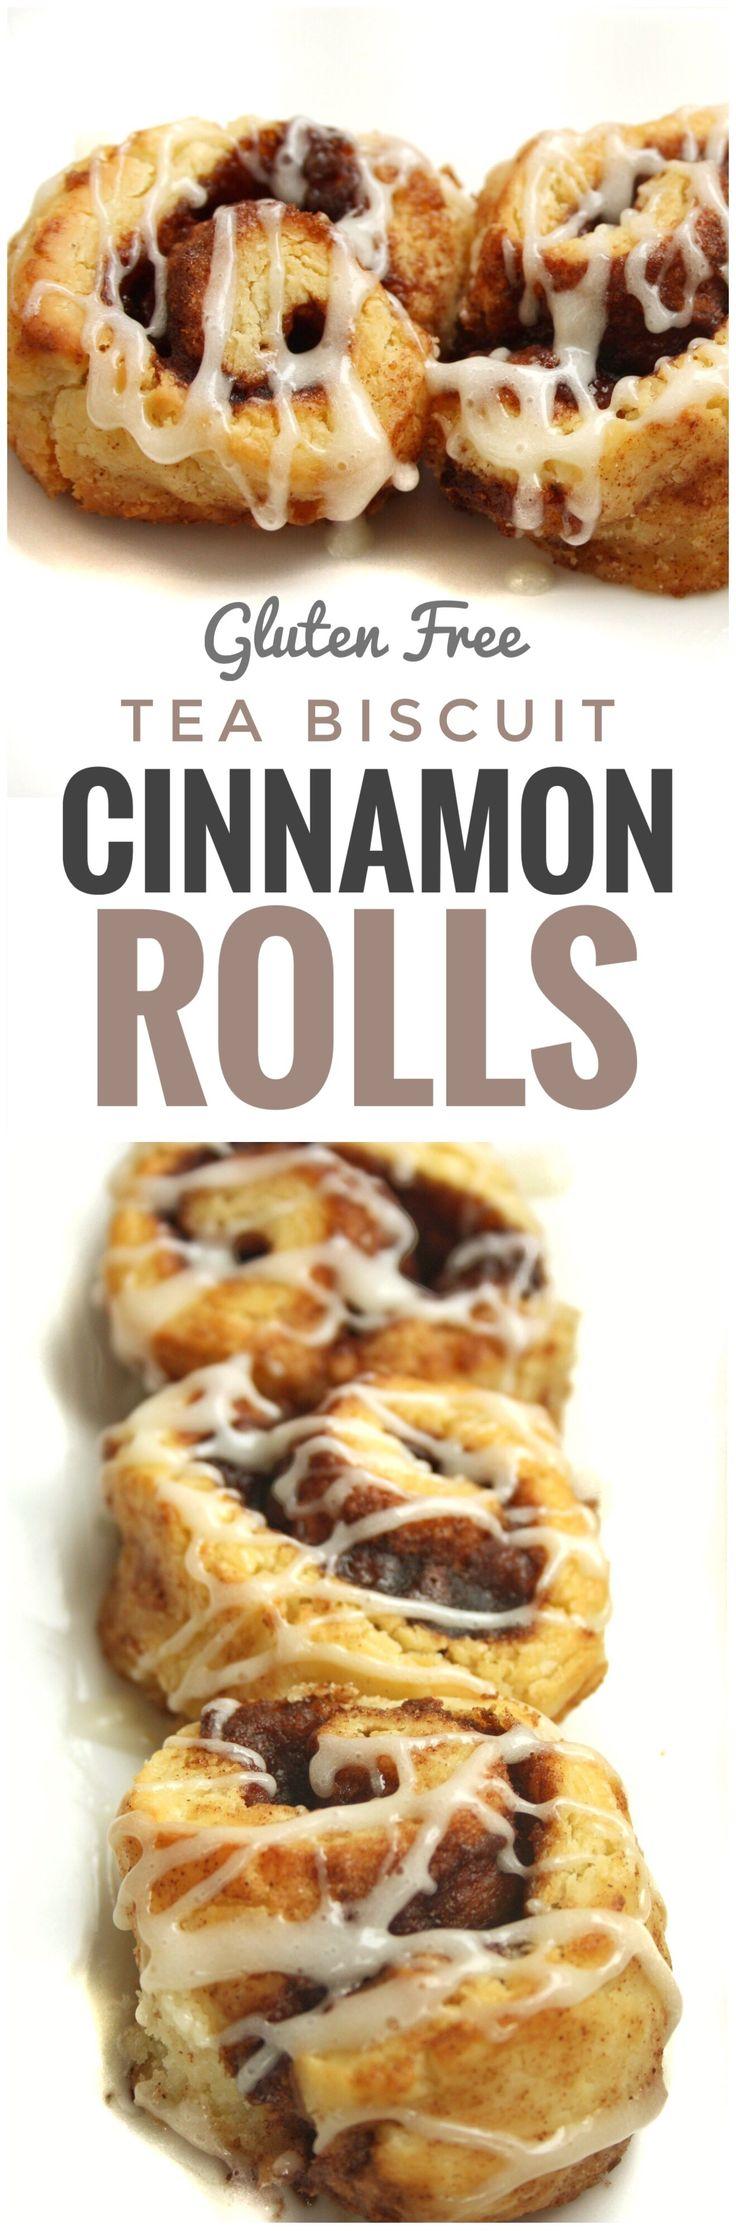 Tea Biscuit Cinnamon Rolls Gluten Free